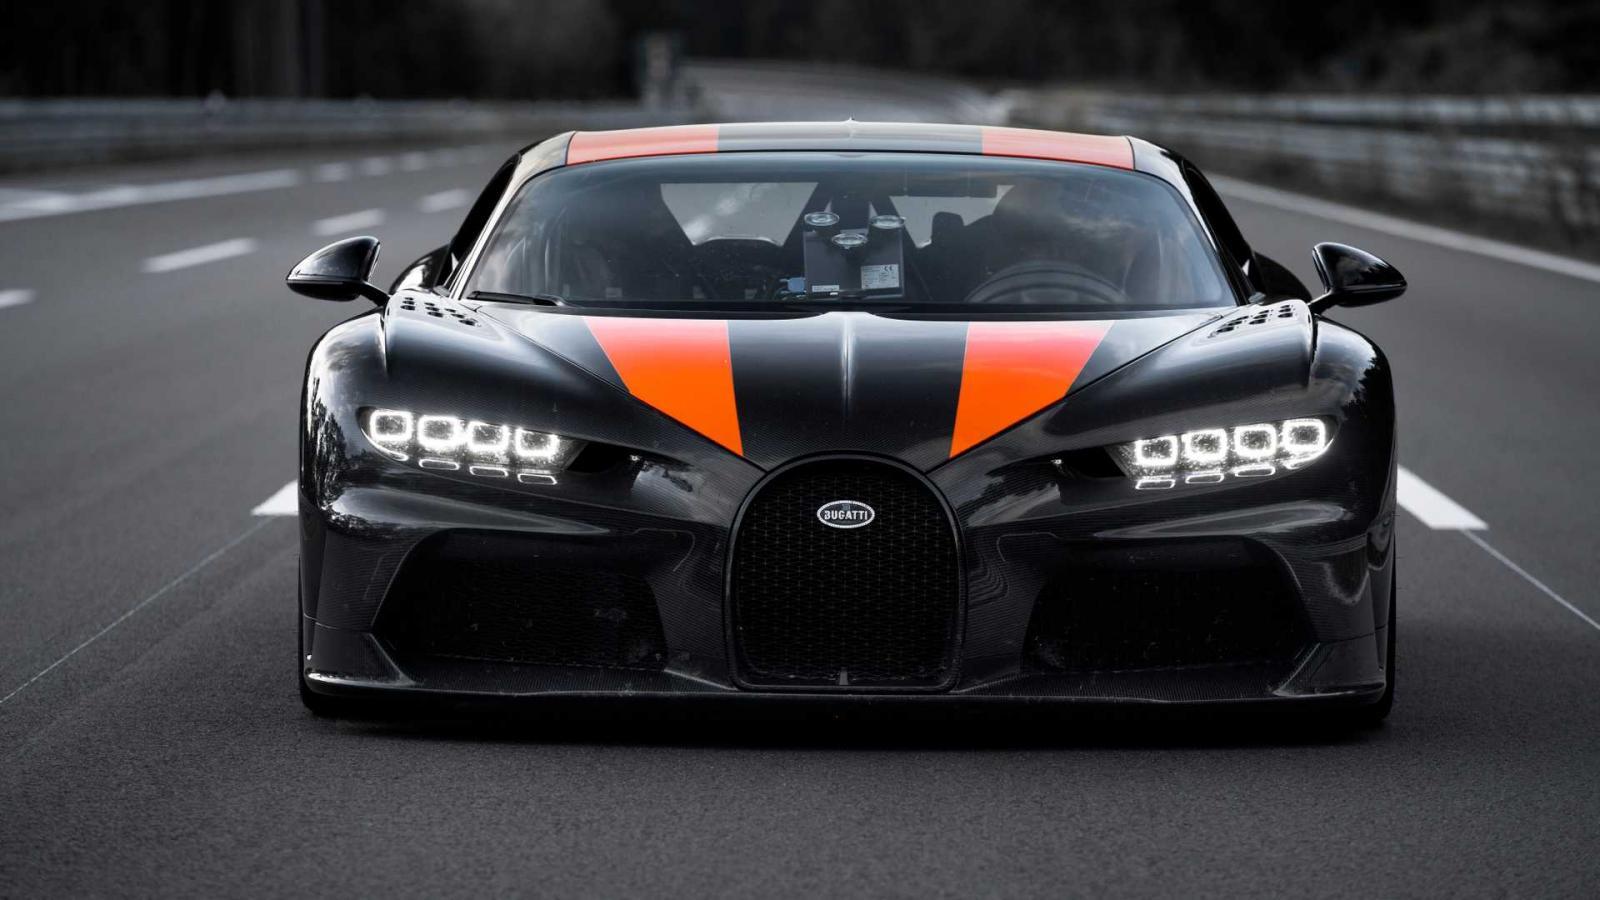 Bugatti установил рекорд скорости среди серийных автомобилей. Для этого гиперкар Chiron был доработан с участием компании Dallara.